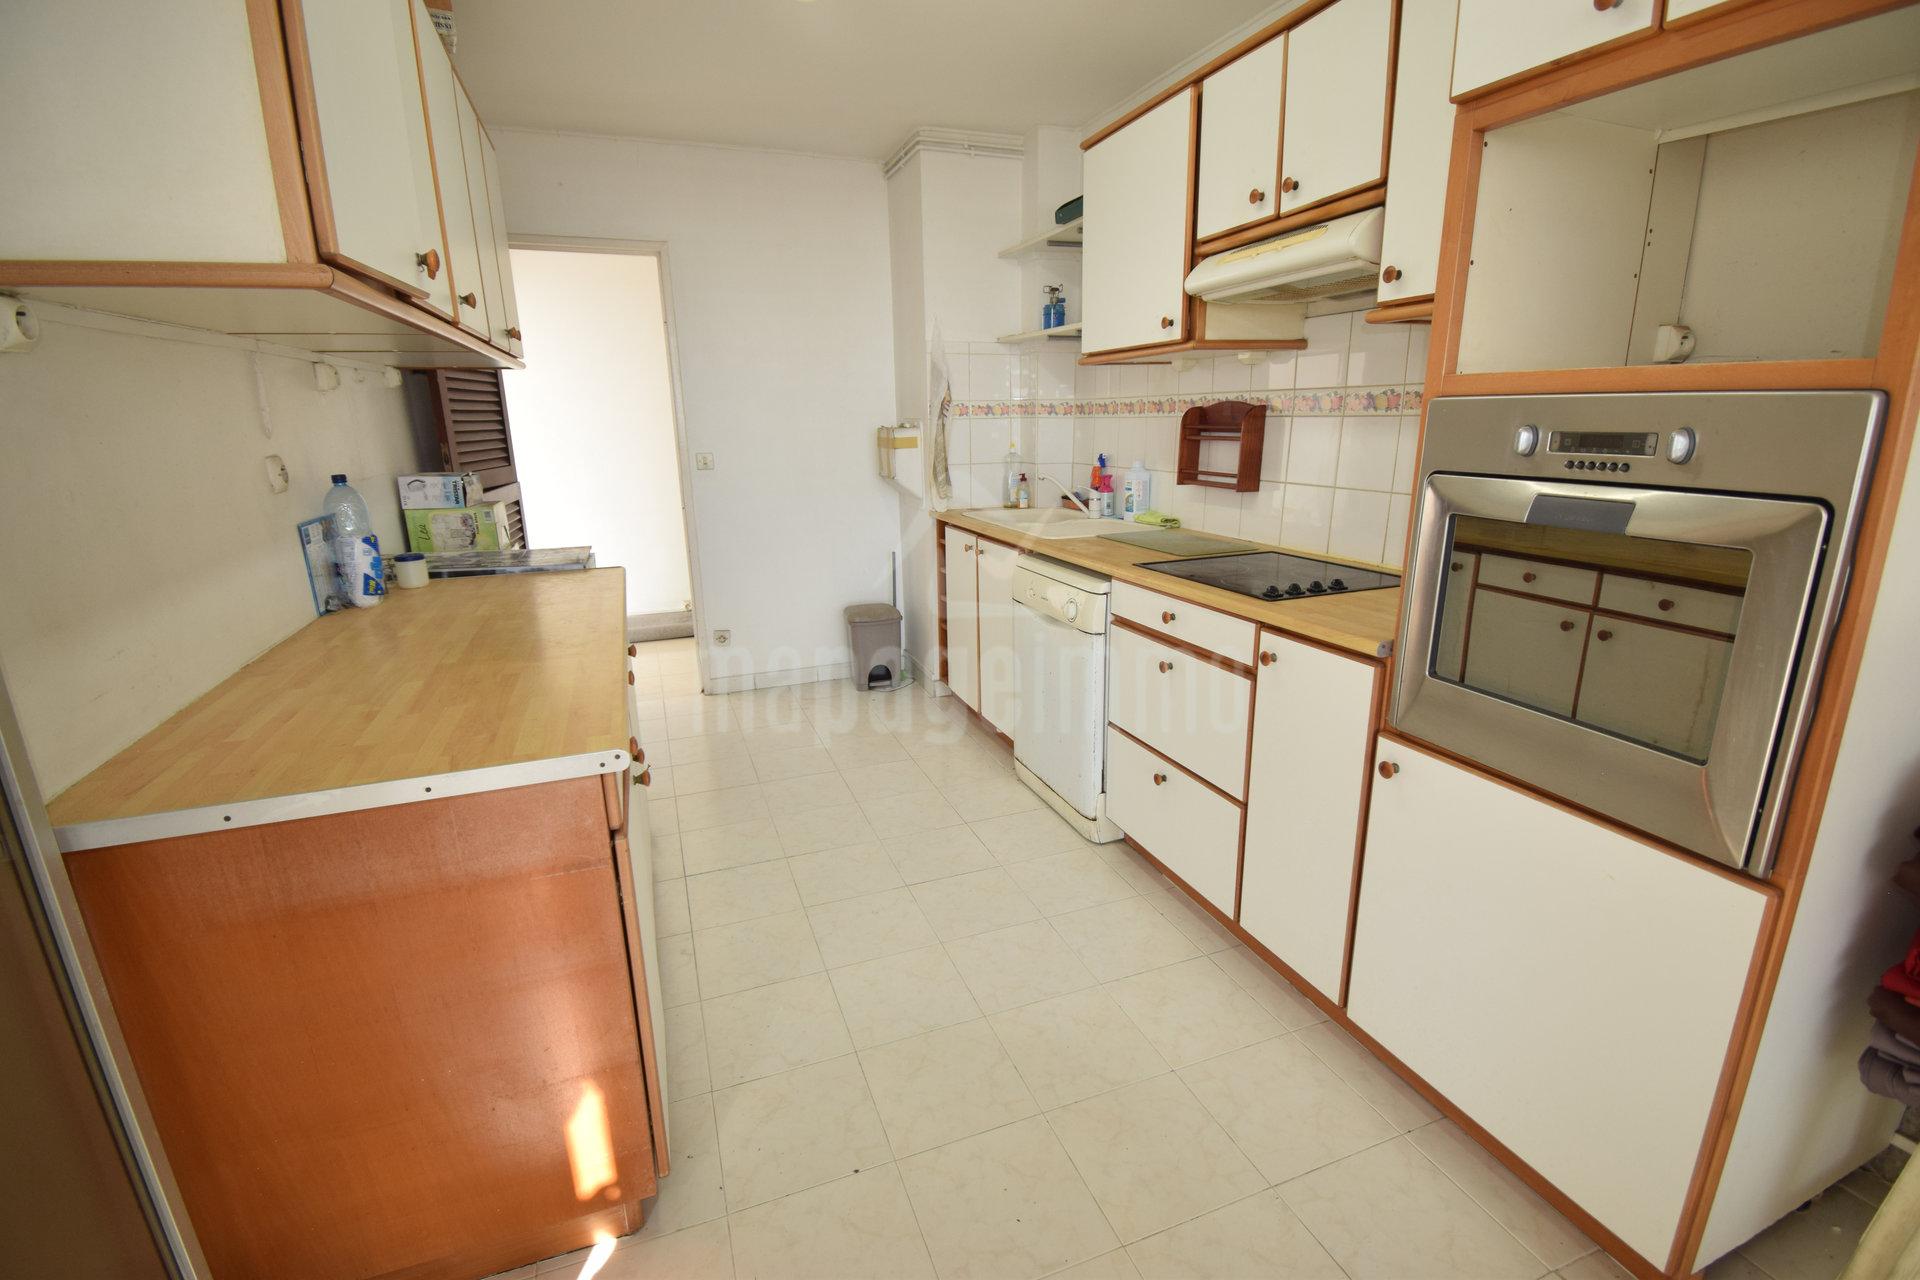 Sale Apartment - Fort-de-France - Martinique